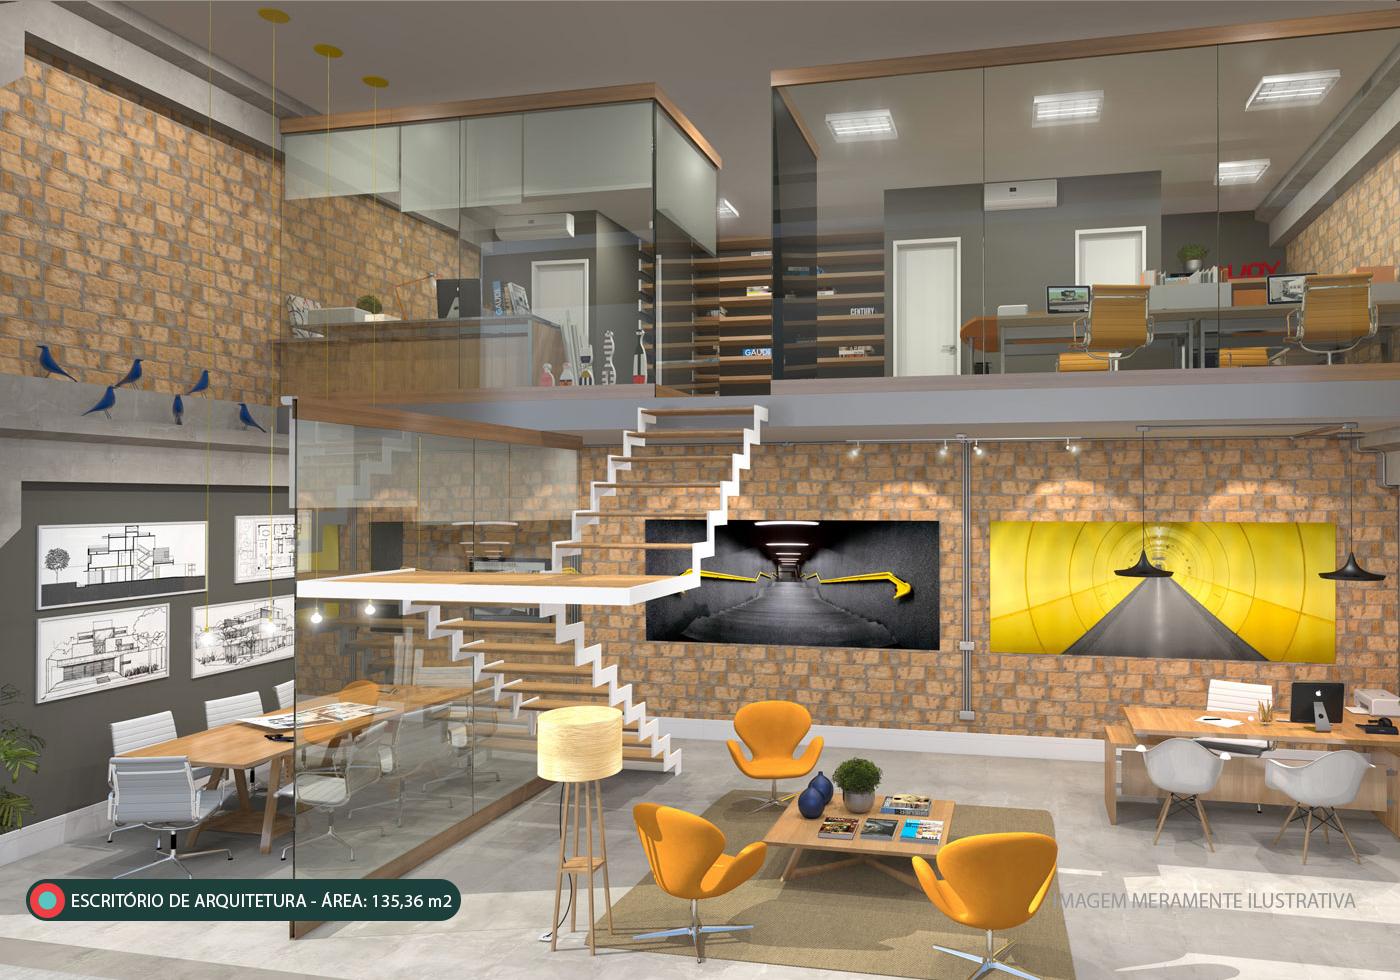 Como abrir um escritório de arquitetura?